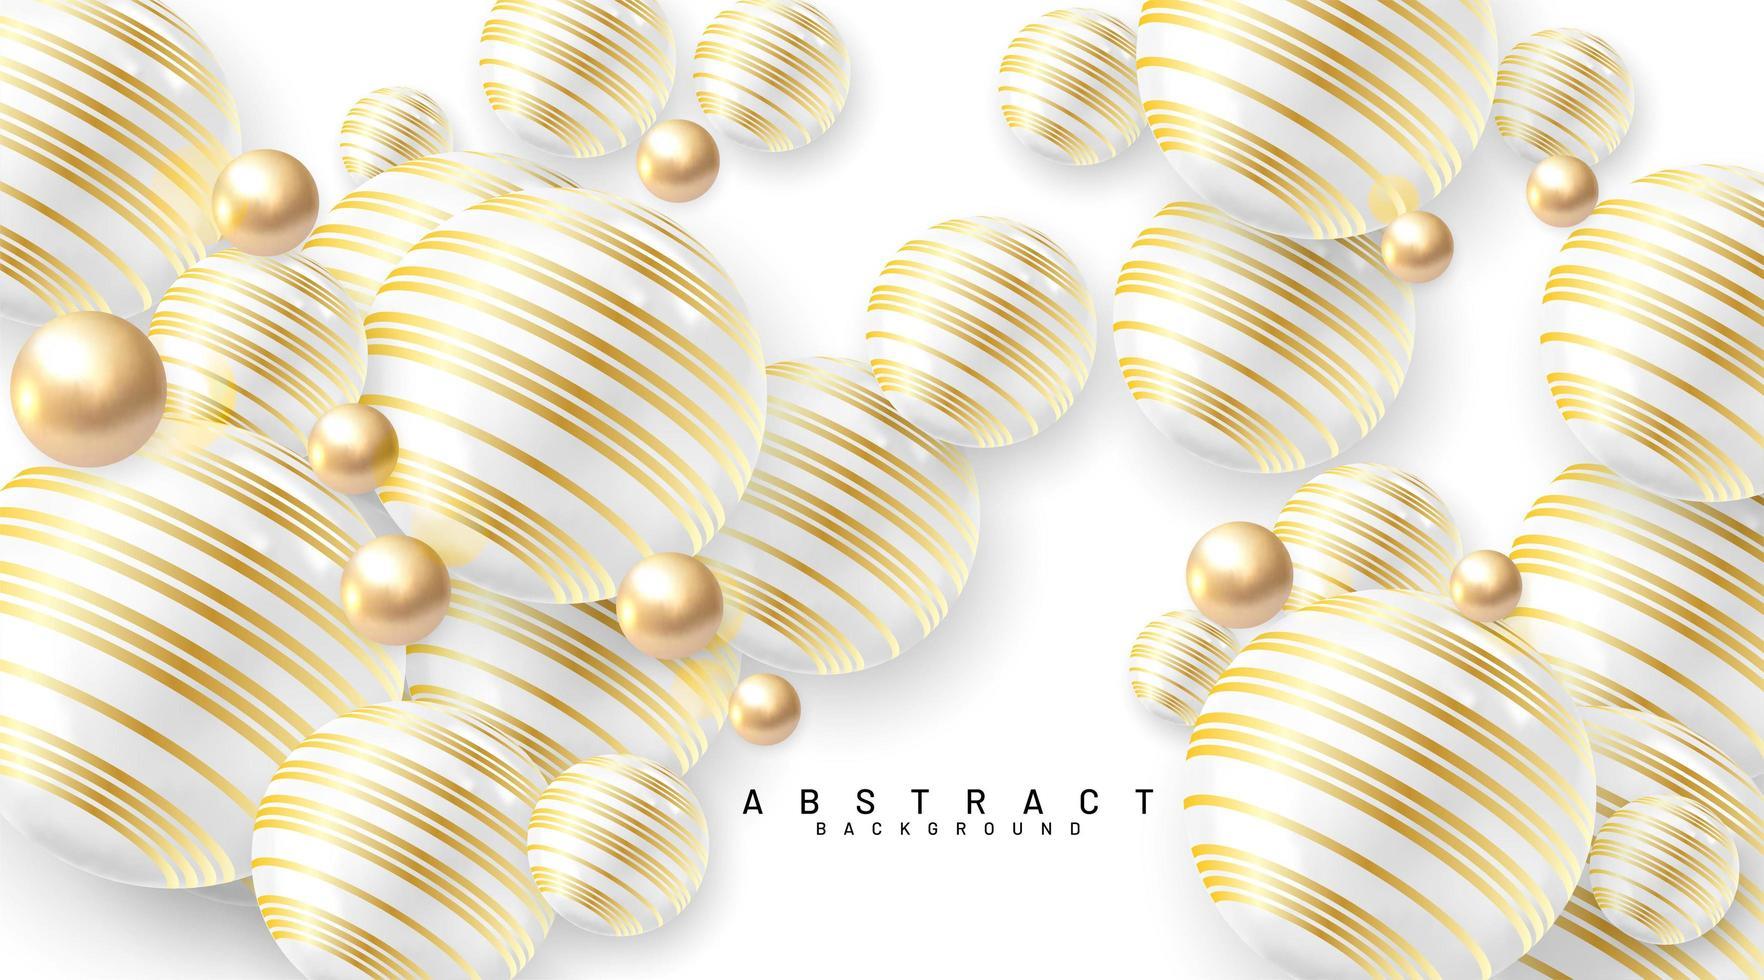 abstracte achtergrond met 3D-velden. gouden en witte bubbels. vectorillustratie van een geweven bol met een gouden lijnpatroon. vector